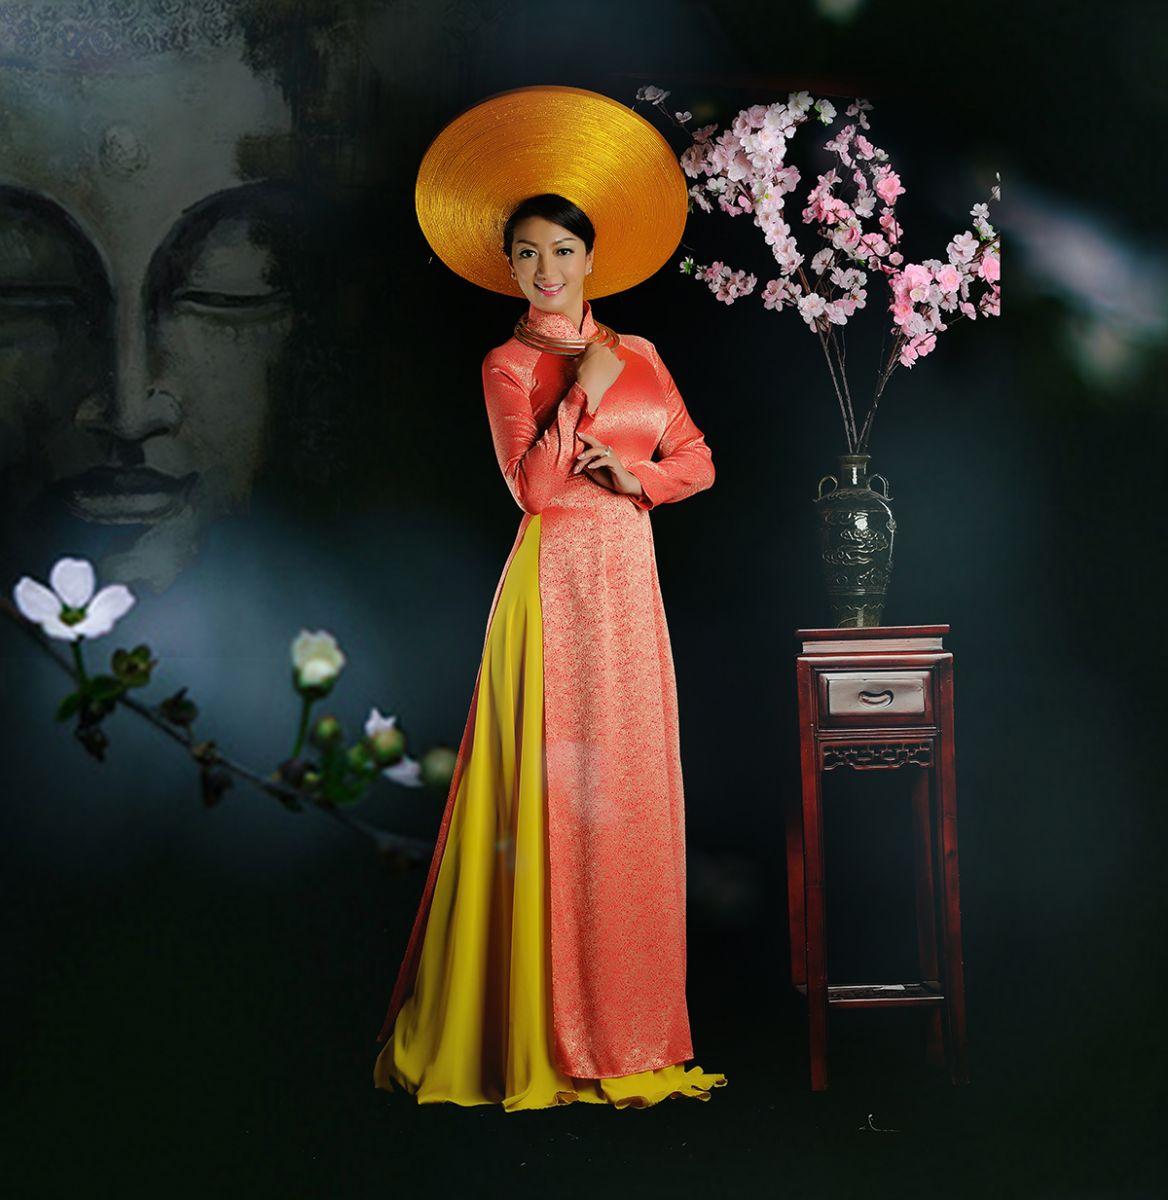 Hoa hậu Thanh Xuân ngày tưng bừng khai trương spa tại Kiên Giang